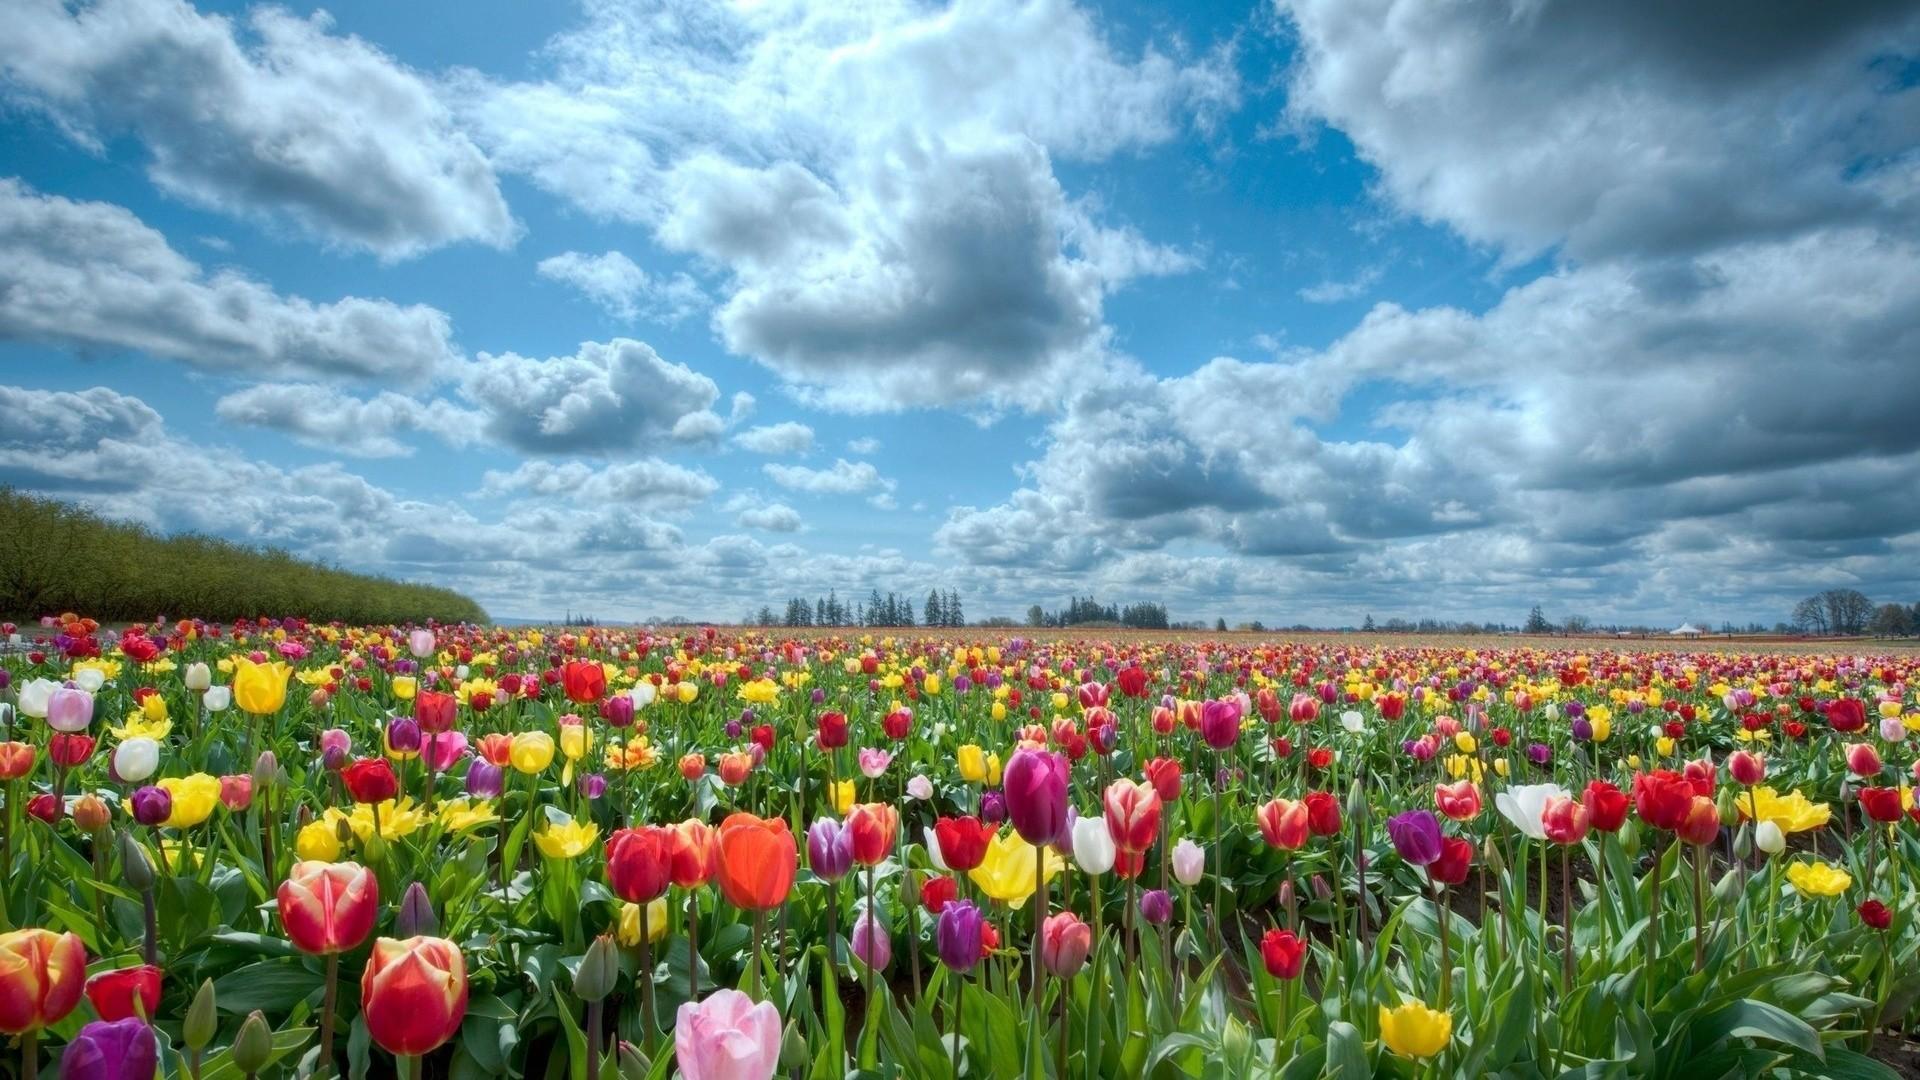 Sfondi desktop primavera 50 immagini for Immagini sfondo hd